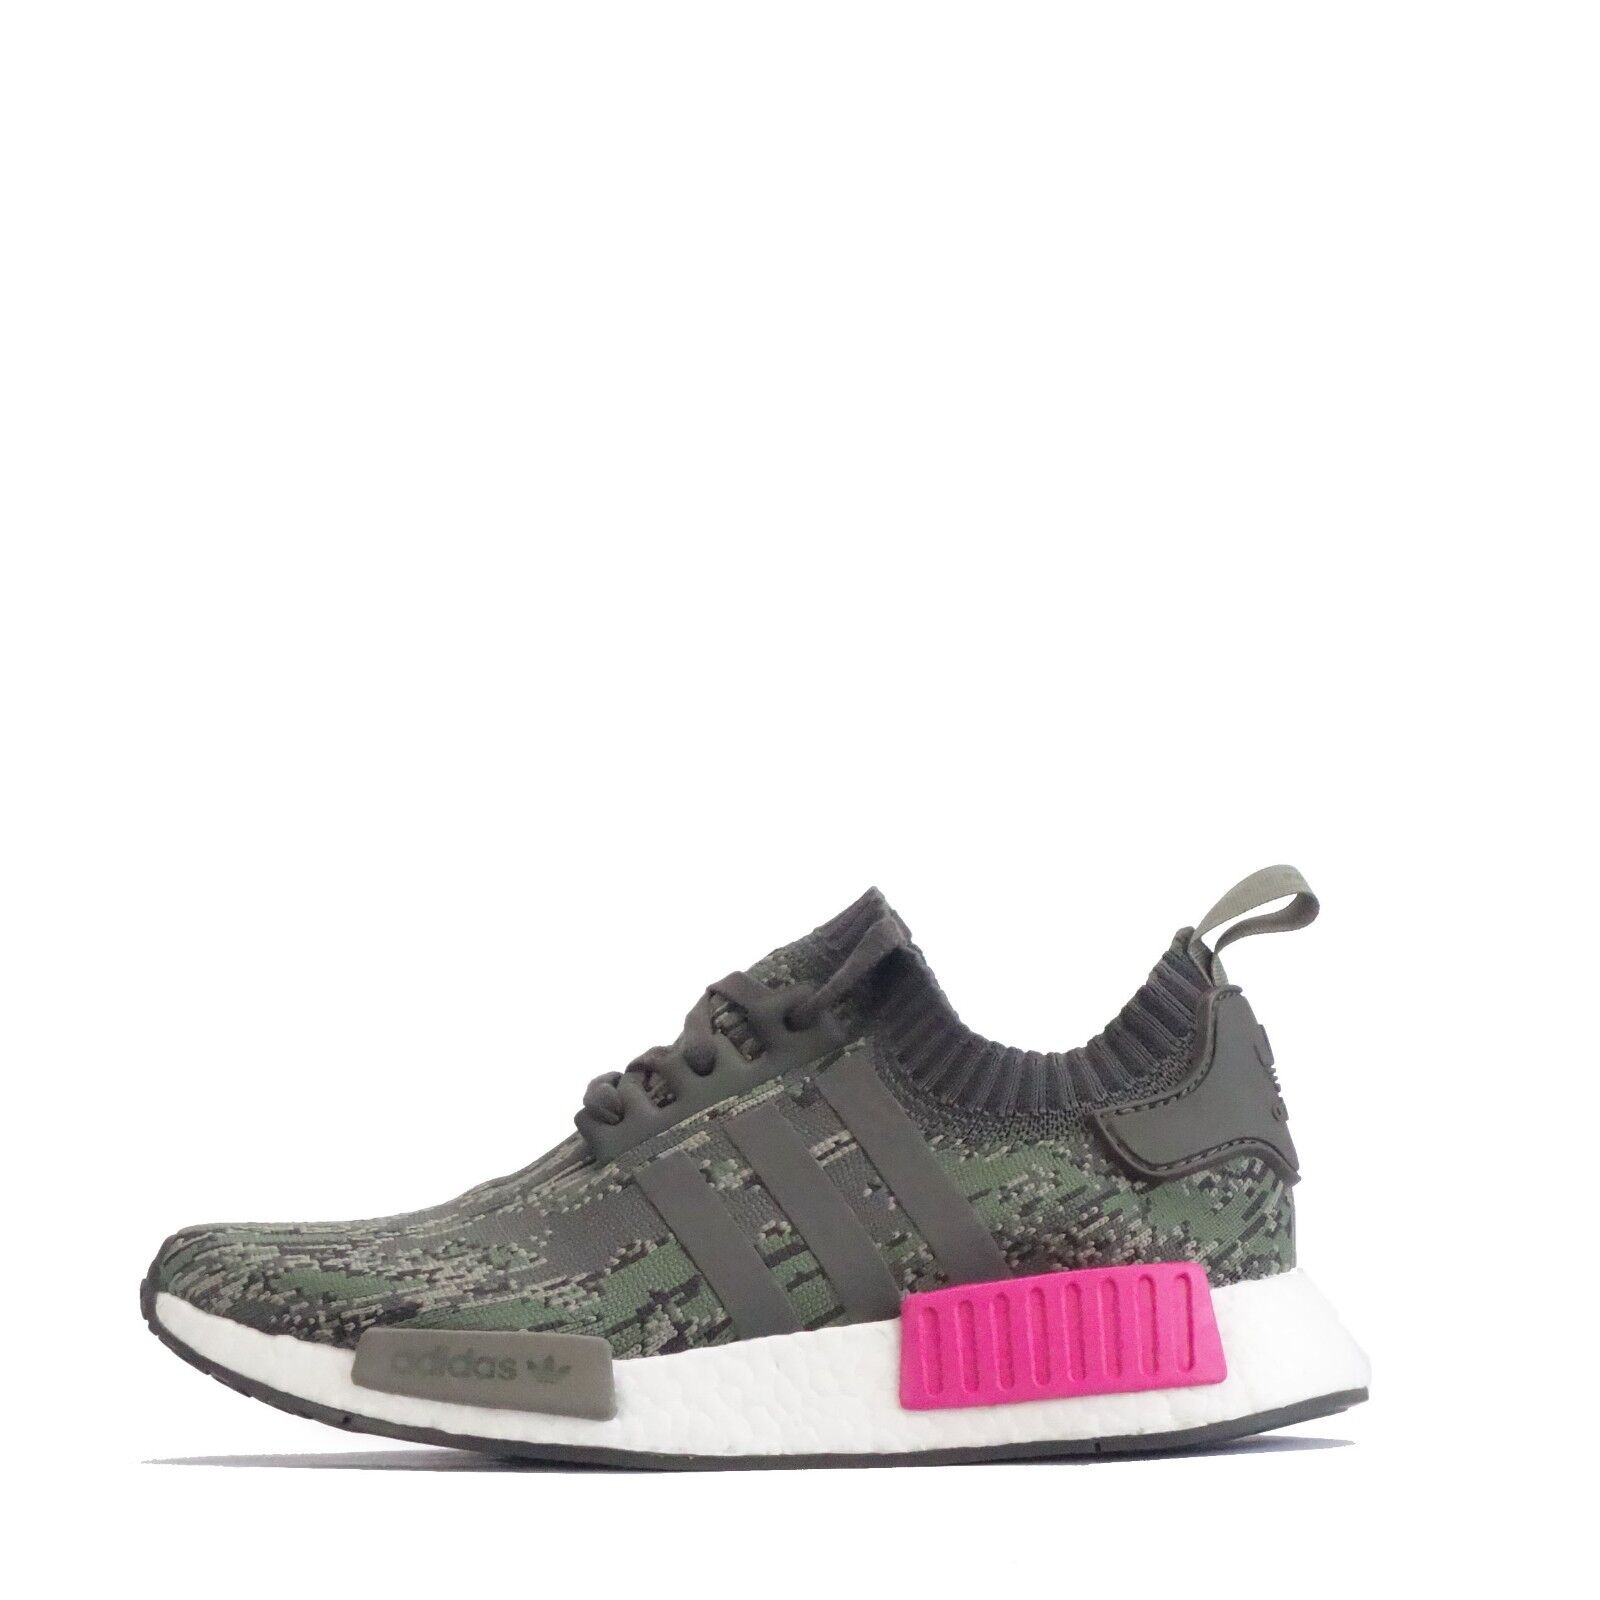 Adidas Originals Nmd R1 R1 R1 Primeknit Herren Turnschuhe Im Trage Grey/Pink a6b357